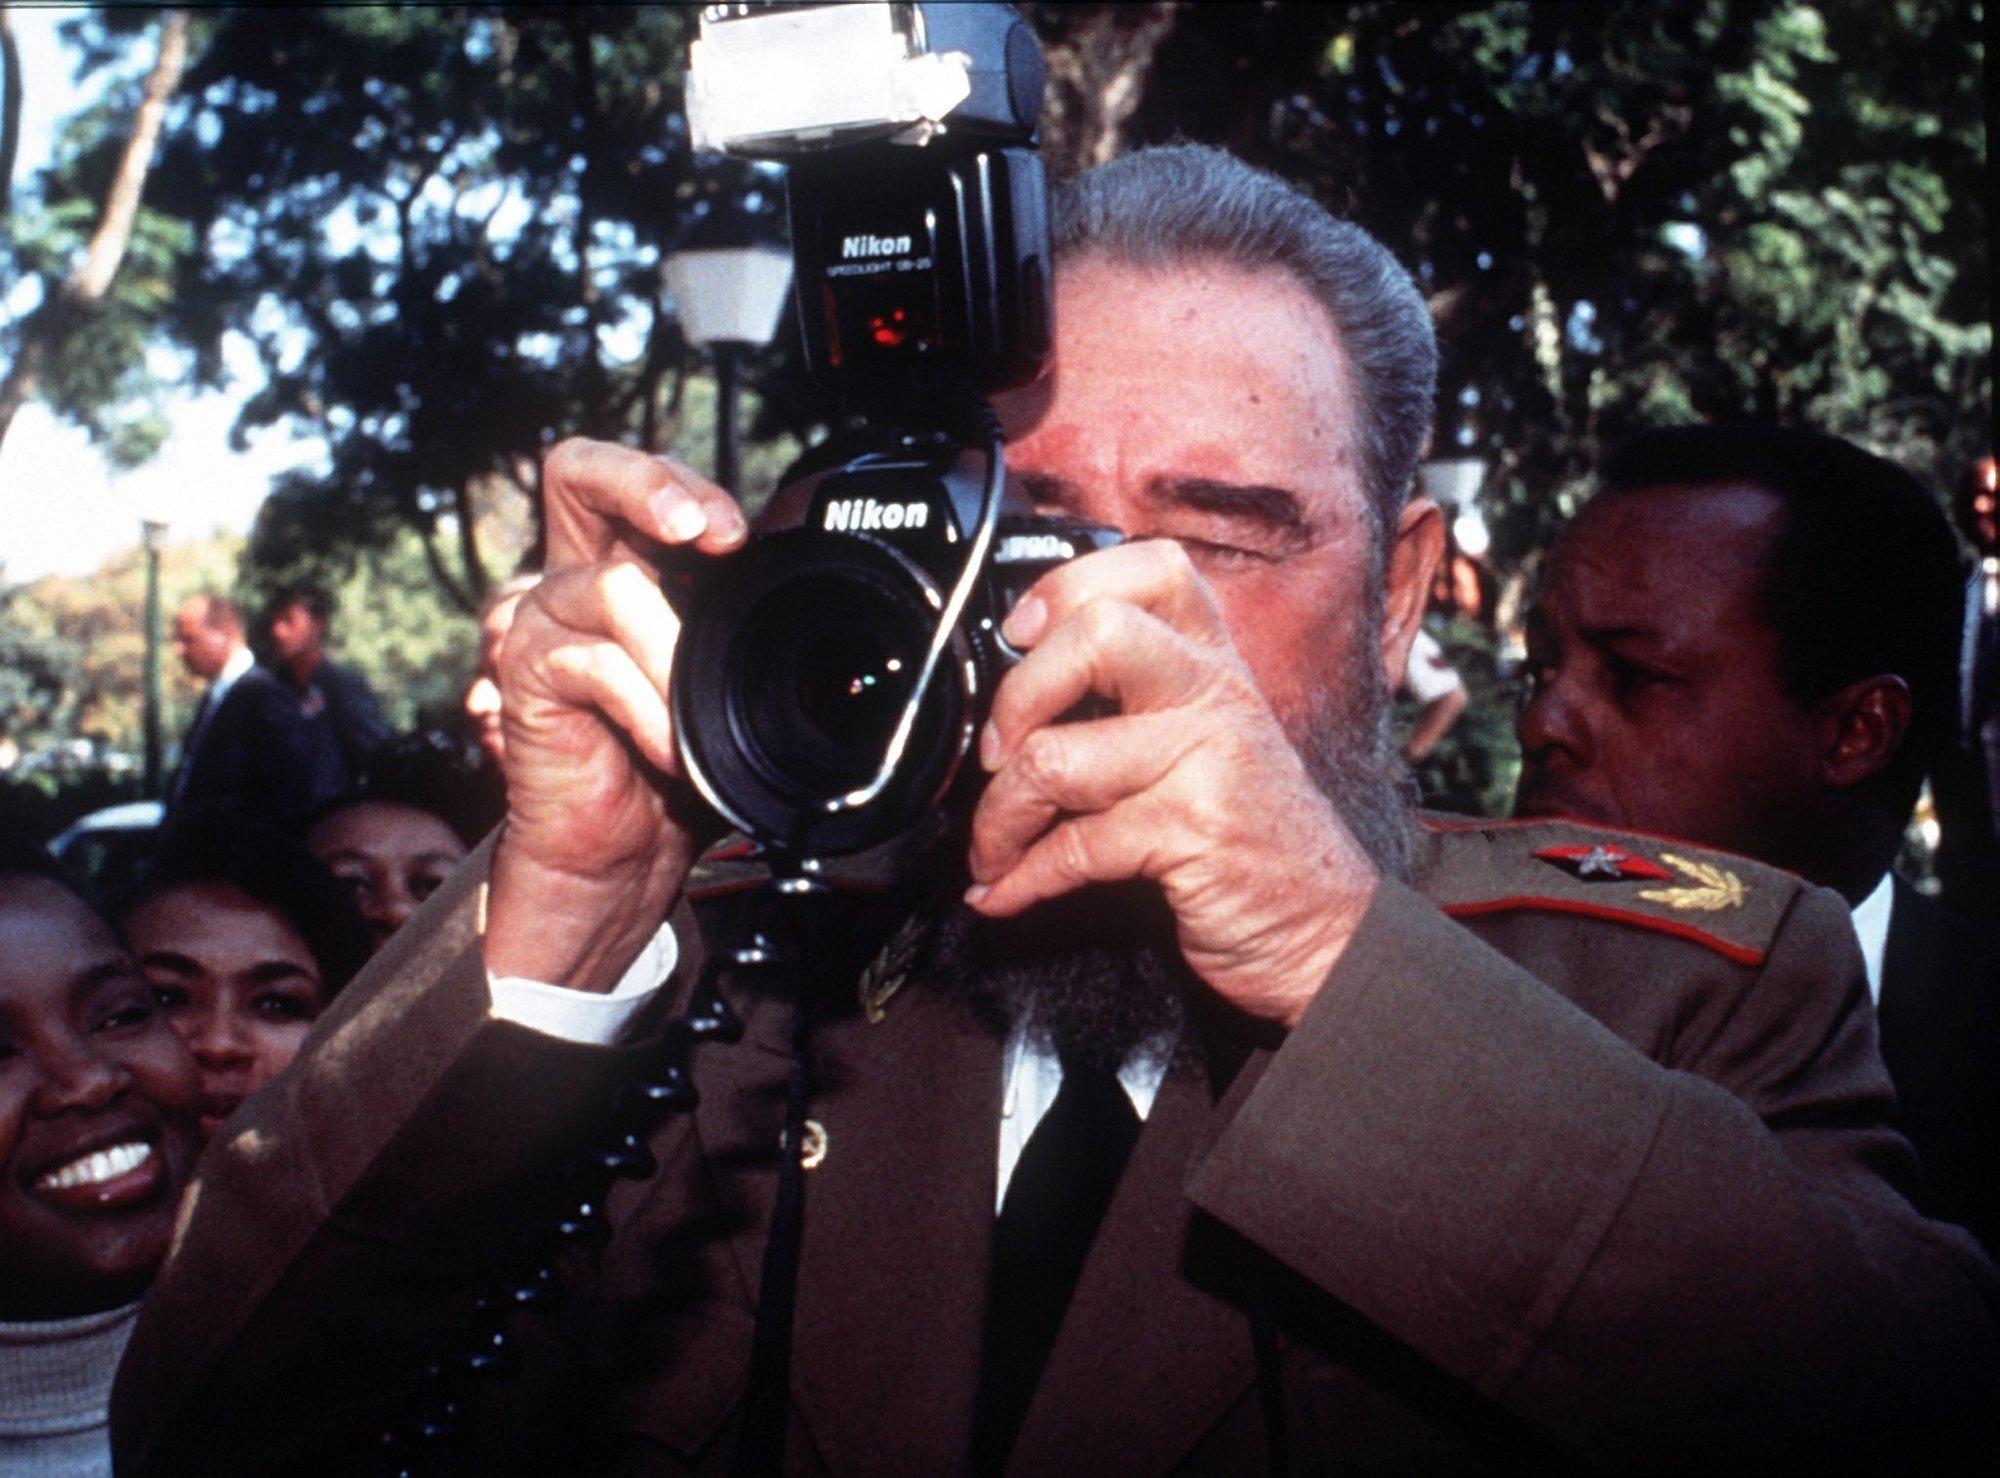 Castro and camera